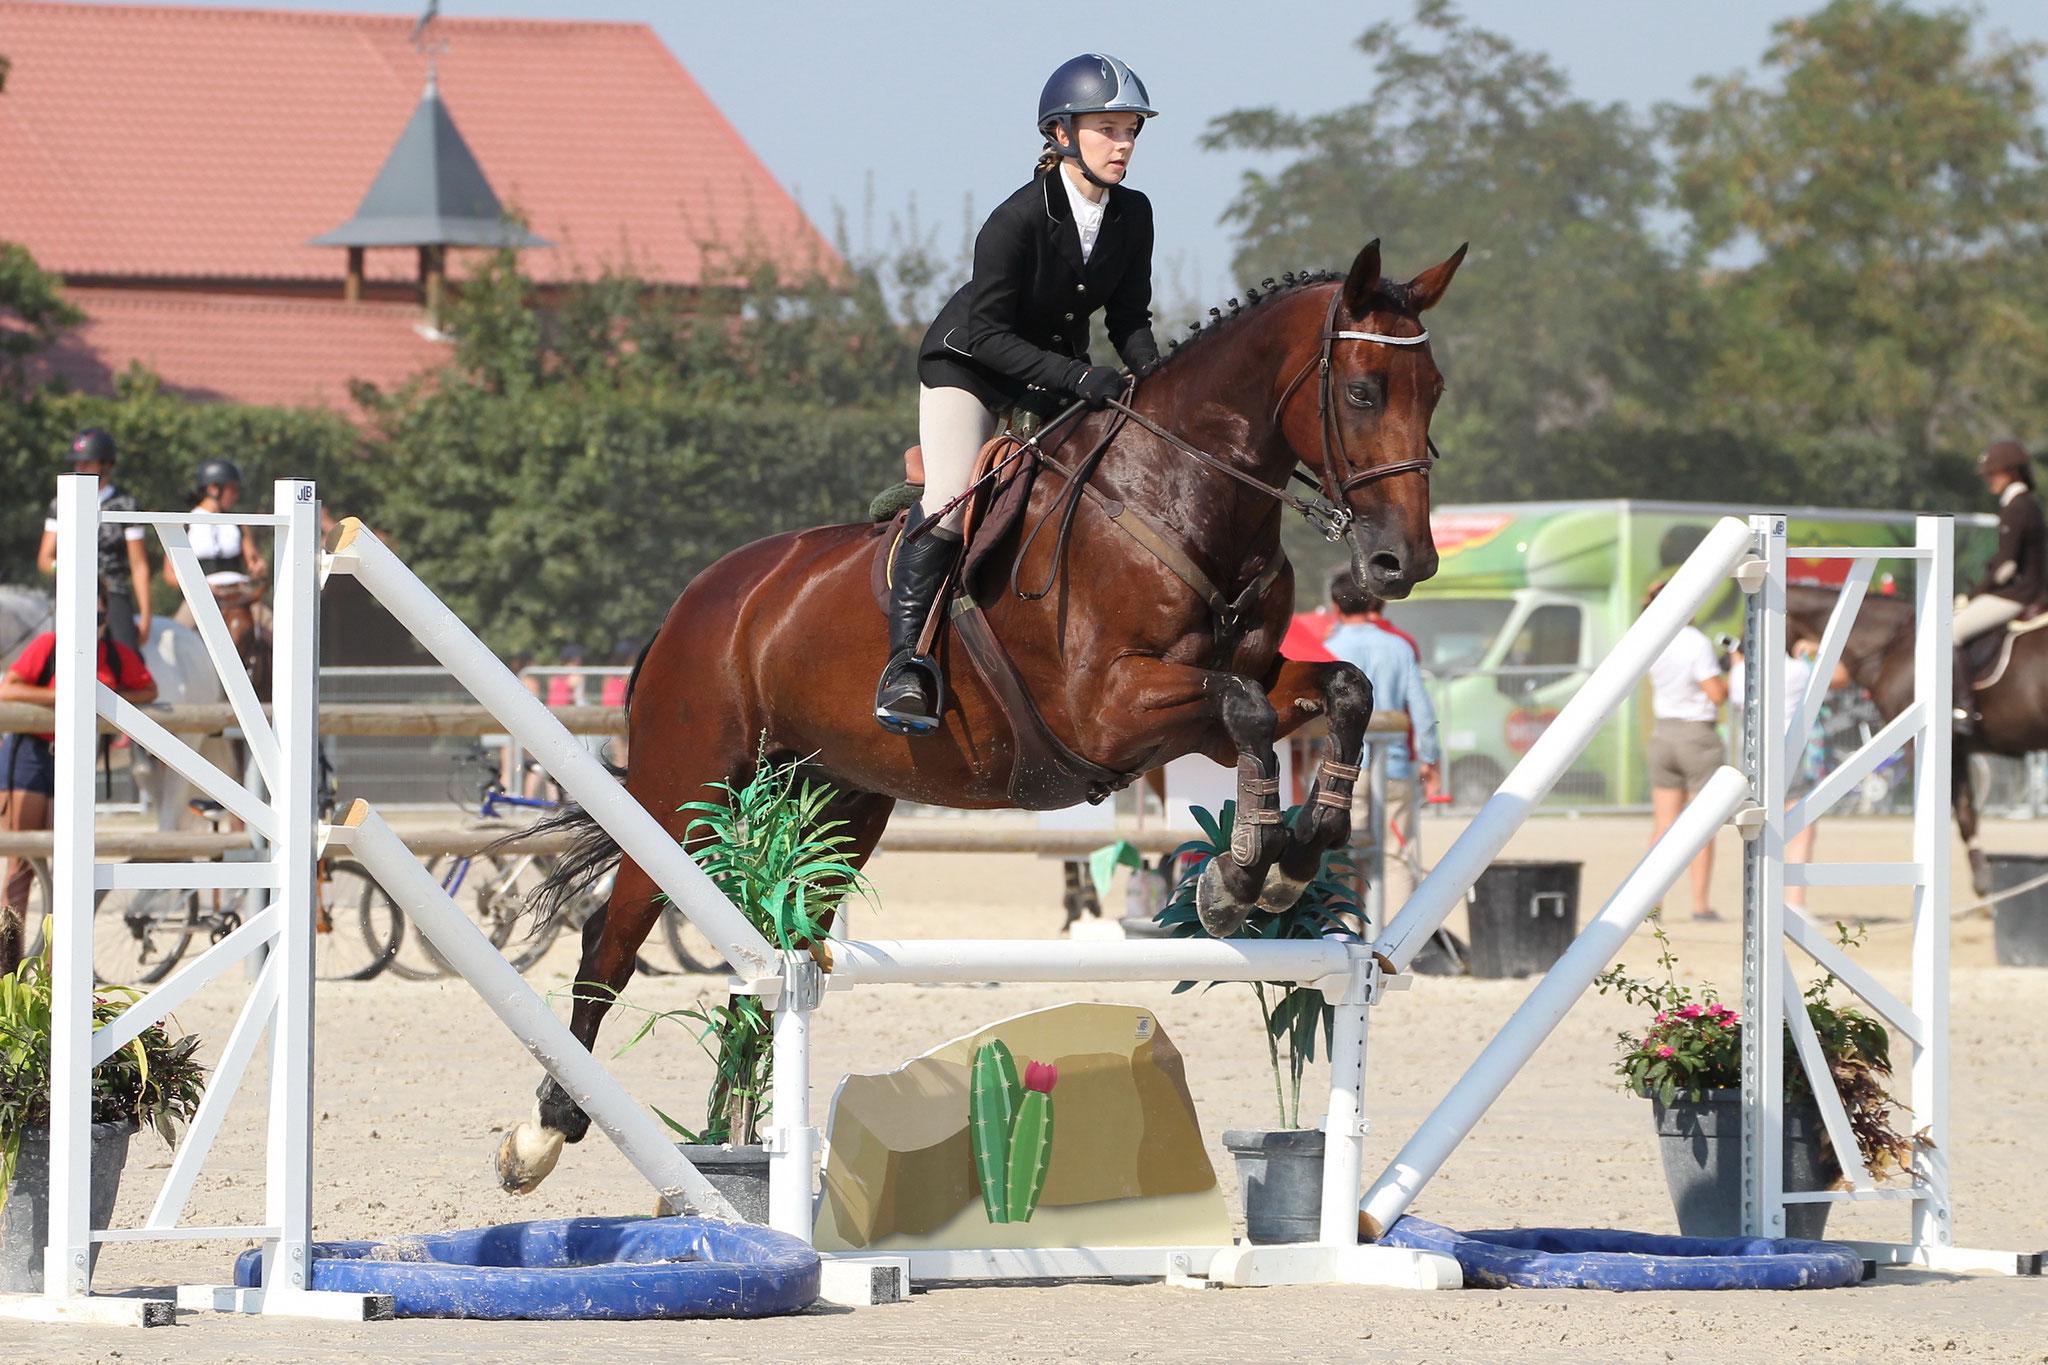 Découvrez les sports équestres dans l'un de nos clubs labellisés École Française d'Équitation